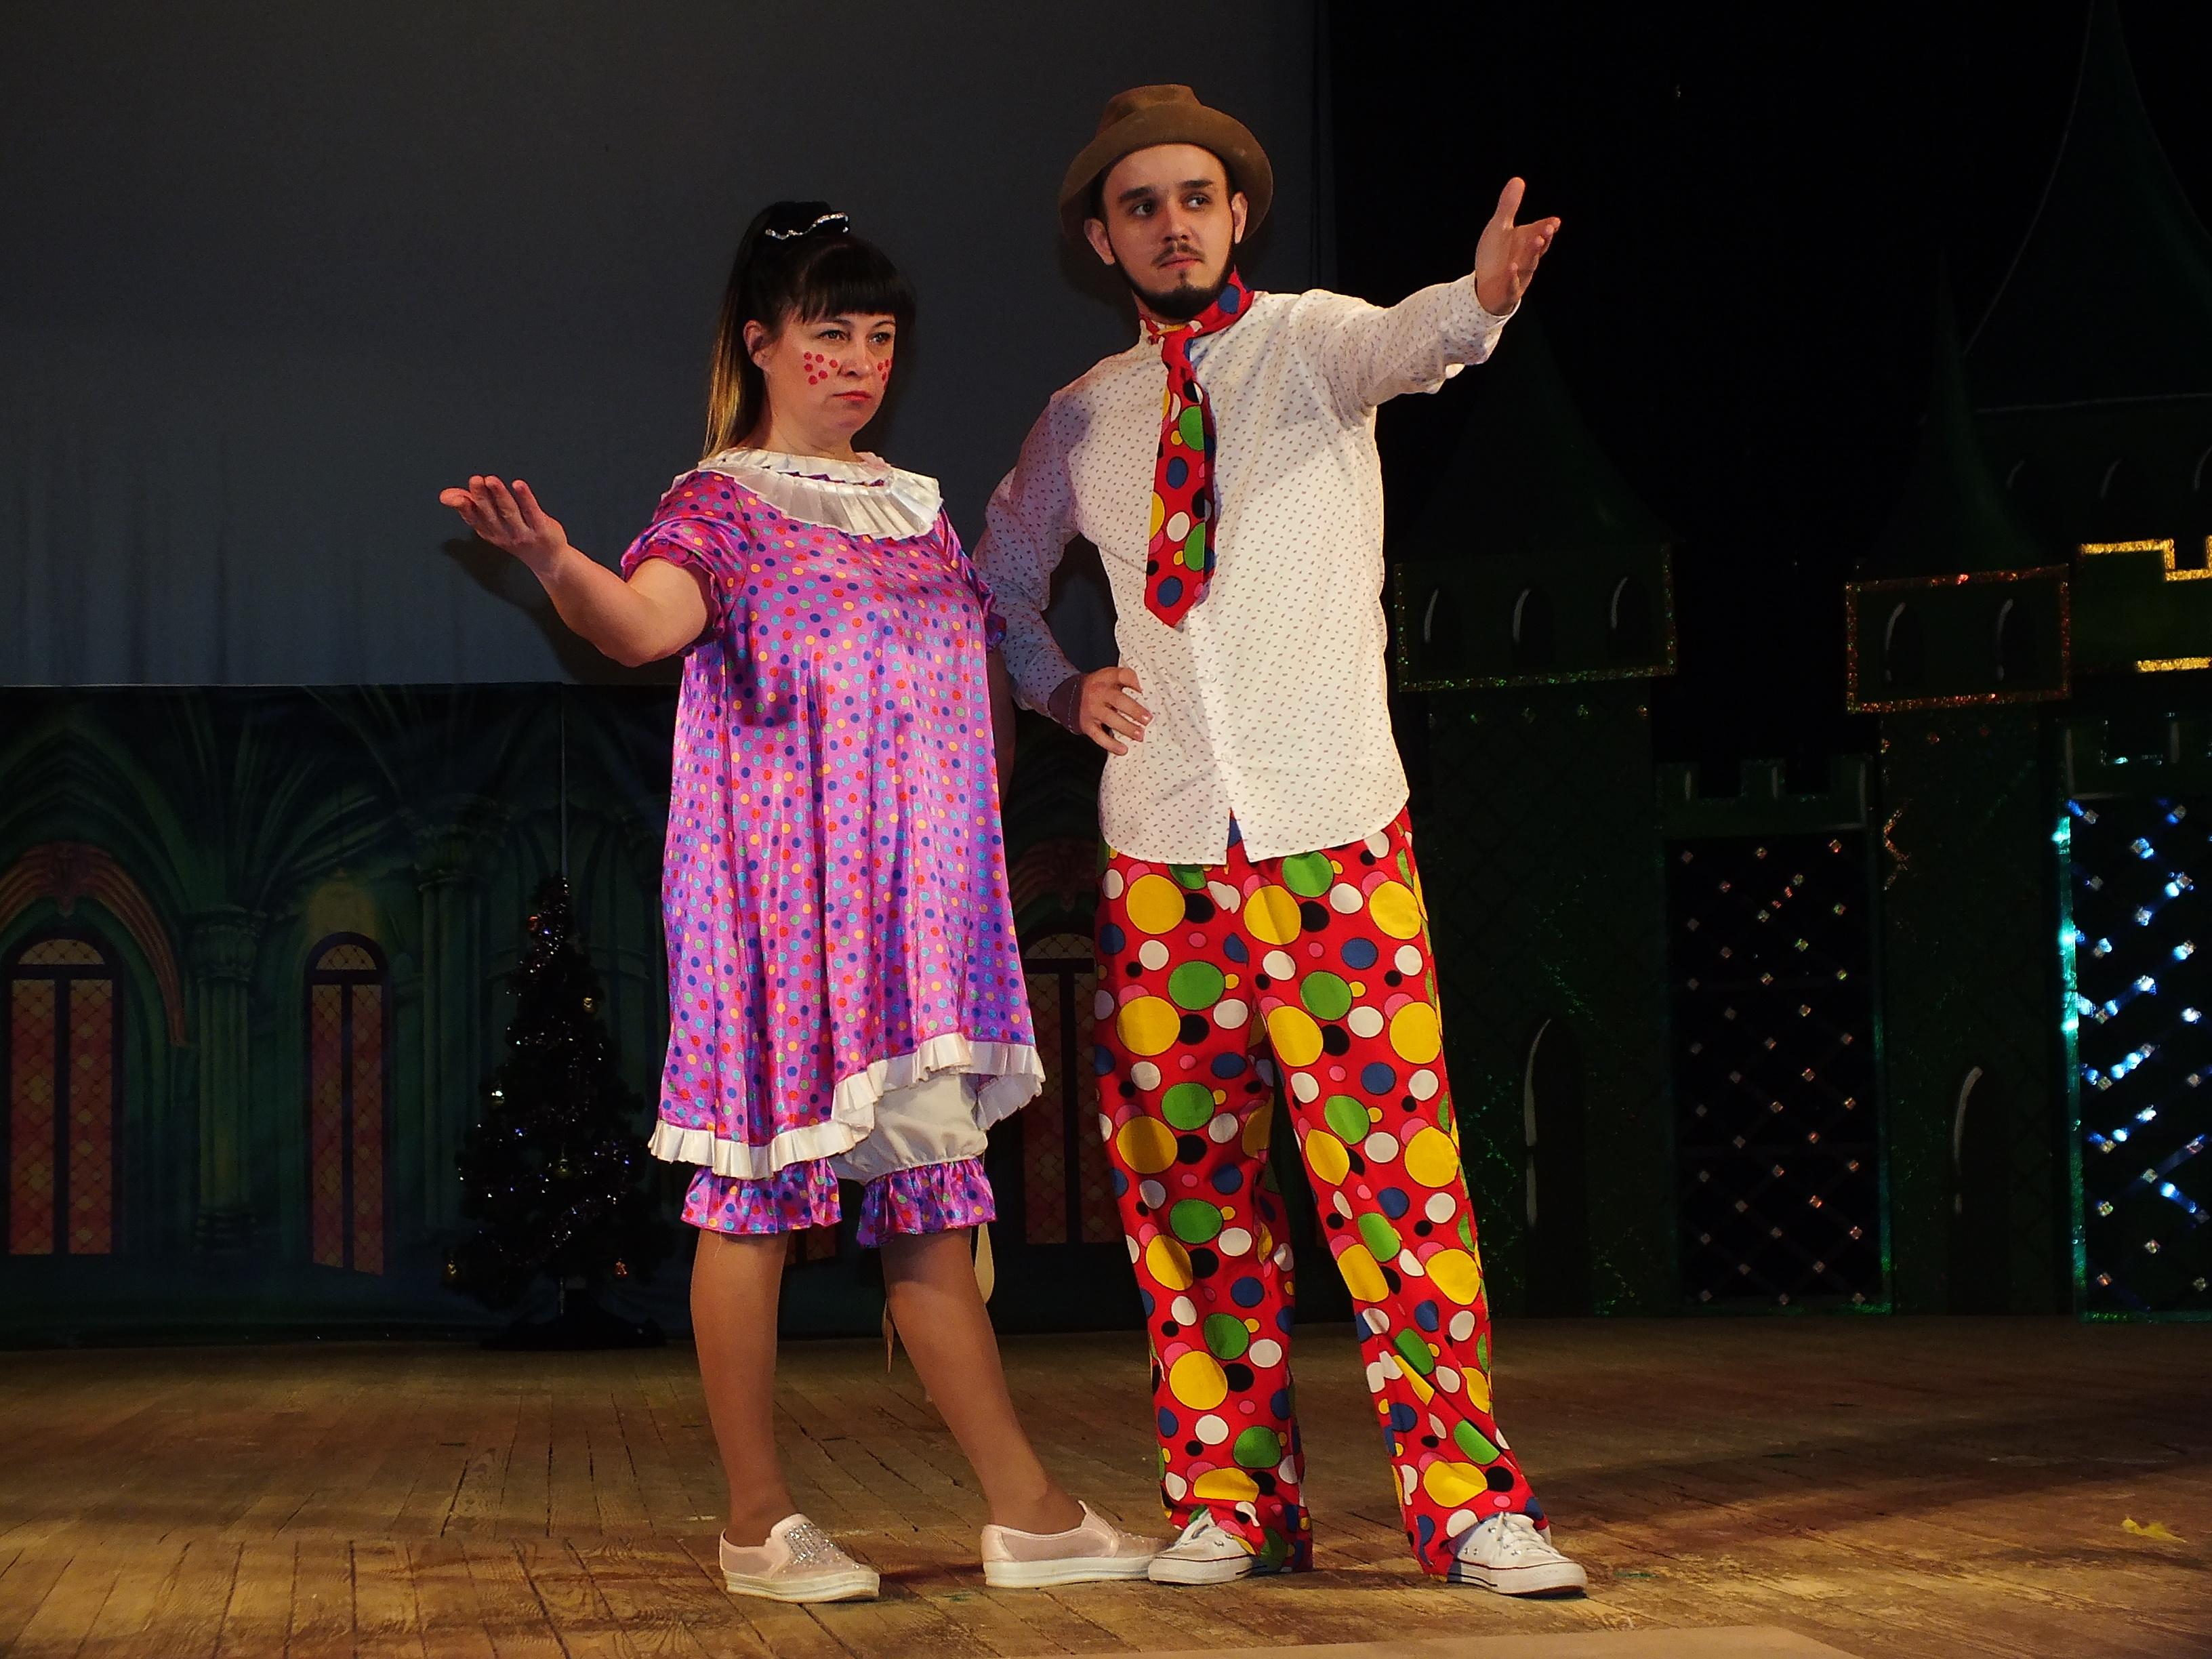 Сегодня состоялся эстрадно-цирковой концерт группы «Чингиз и Тамерлан»!